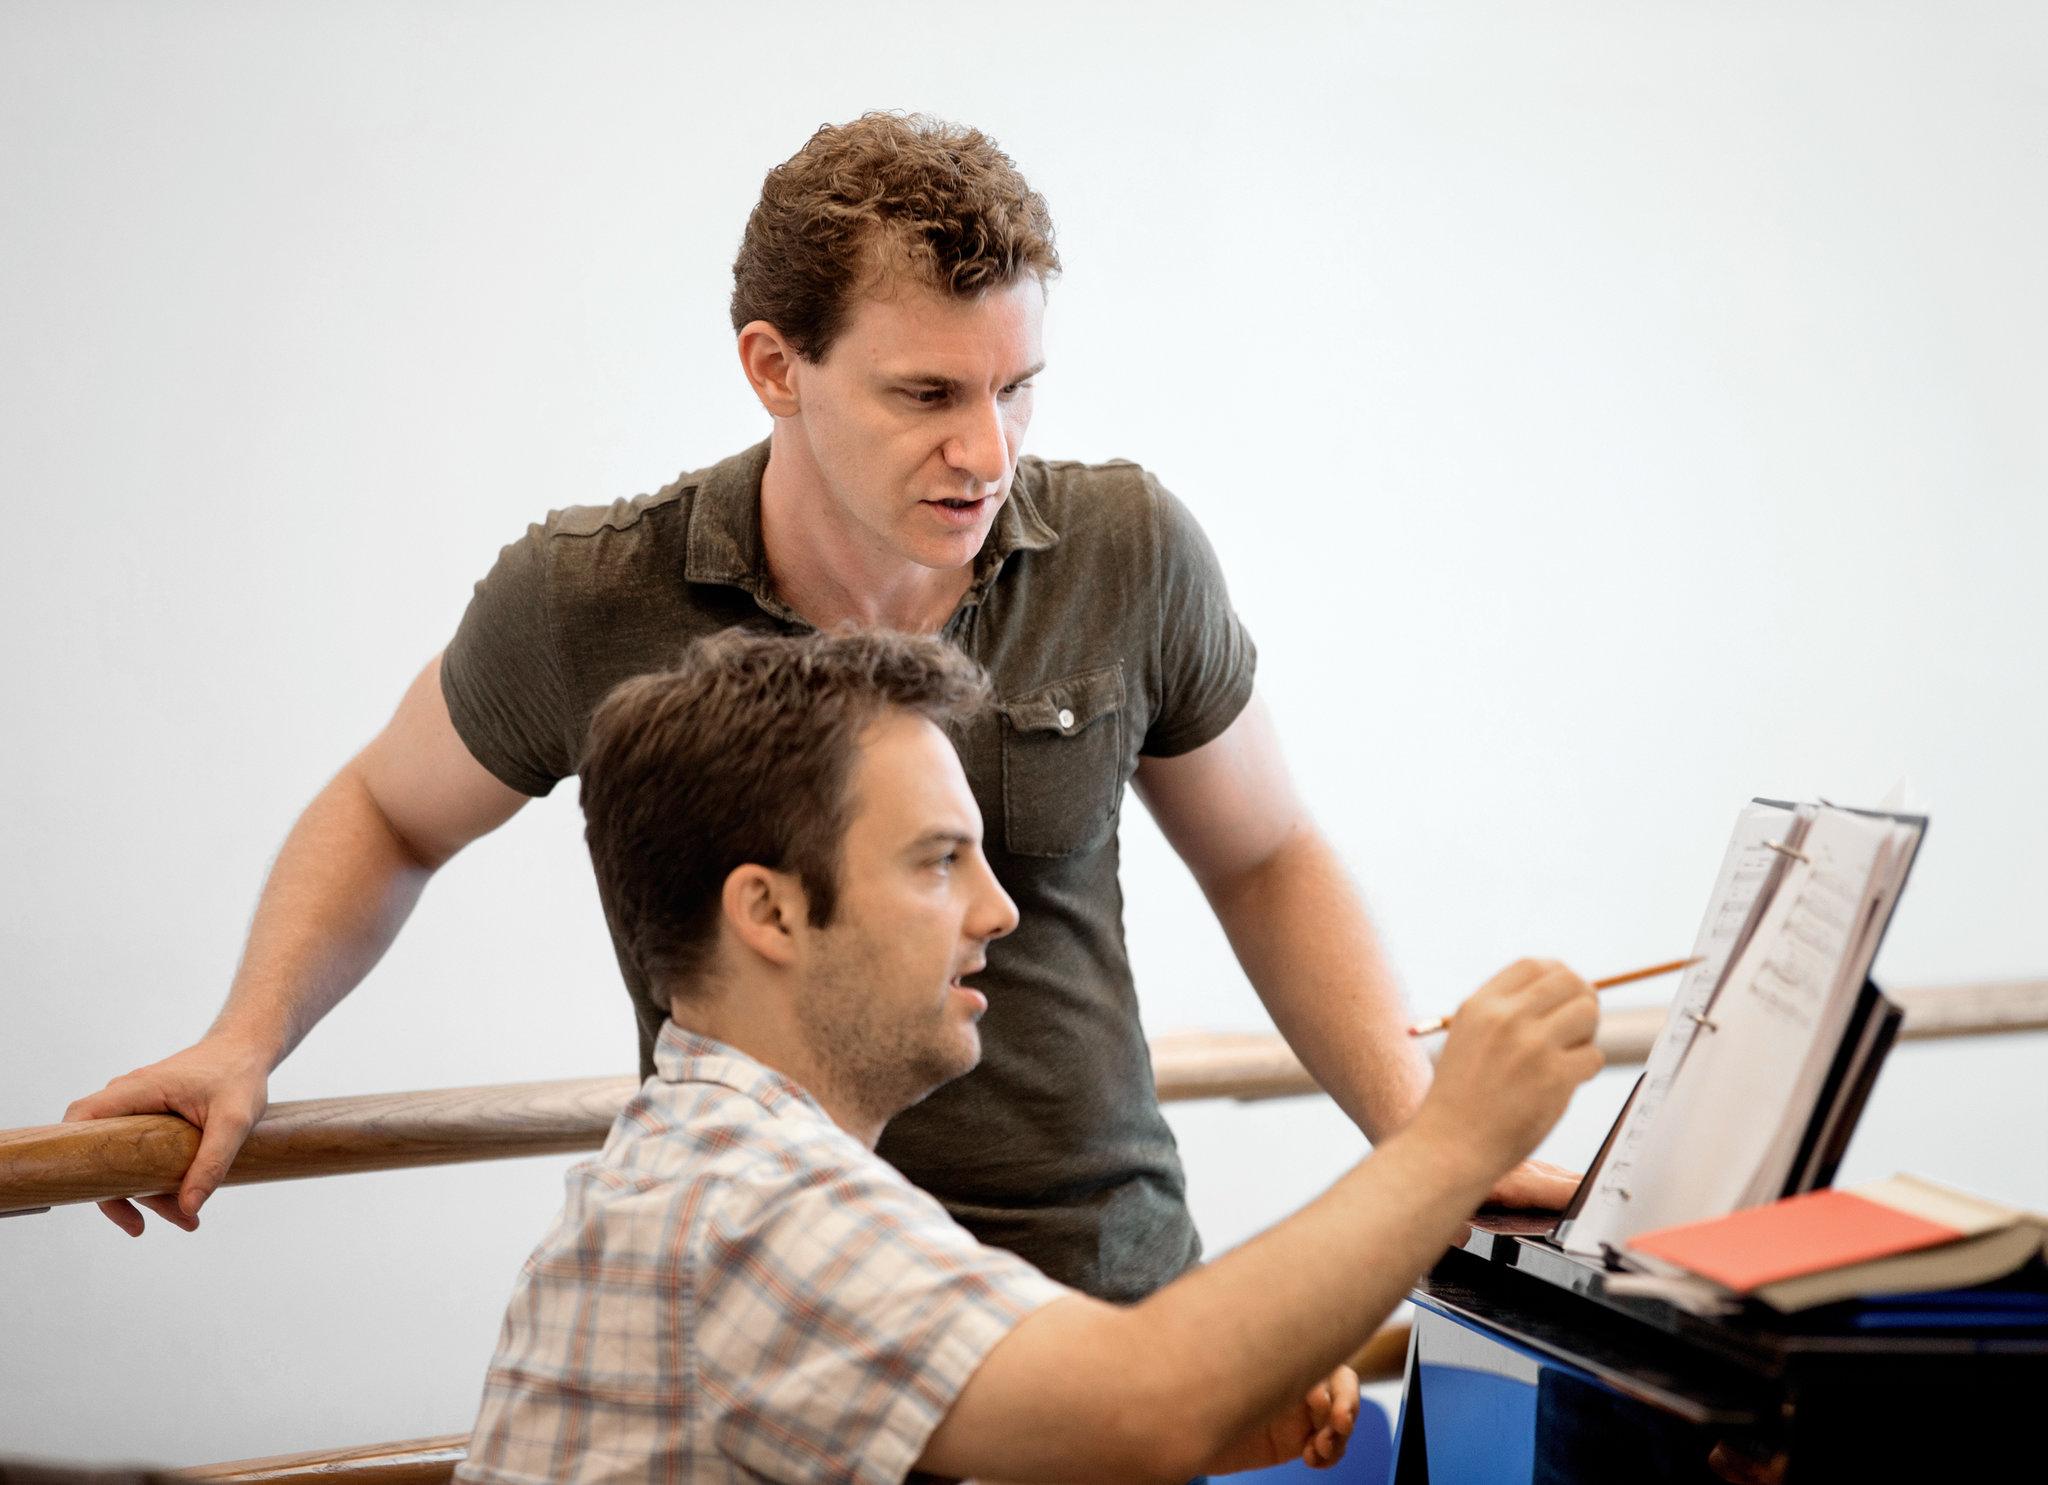 Adam & Vadim Feichtner in rehearsal